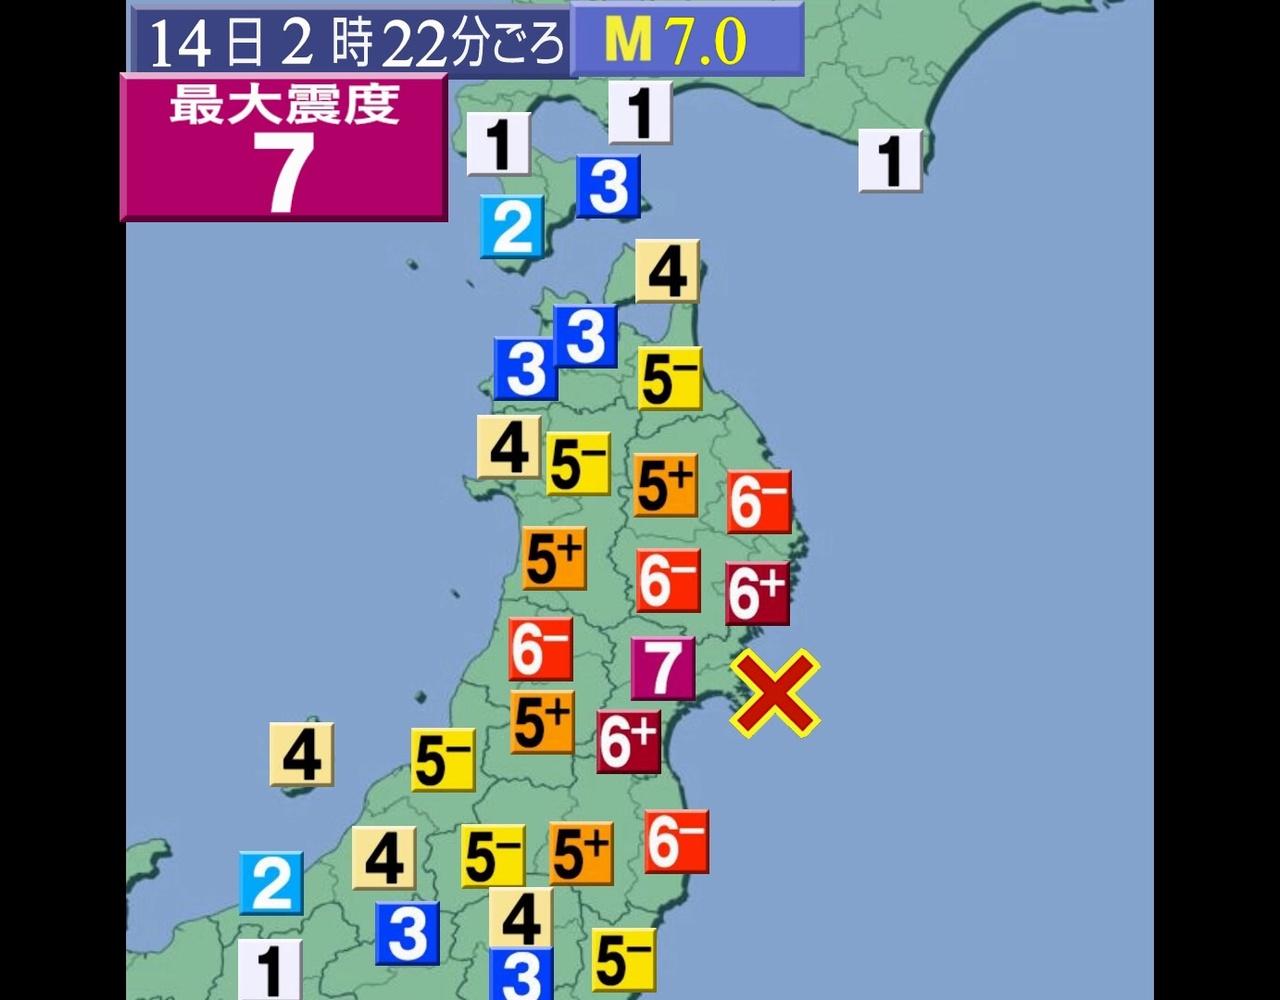 宫城県余震 M7.0